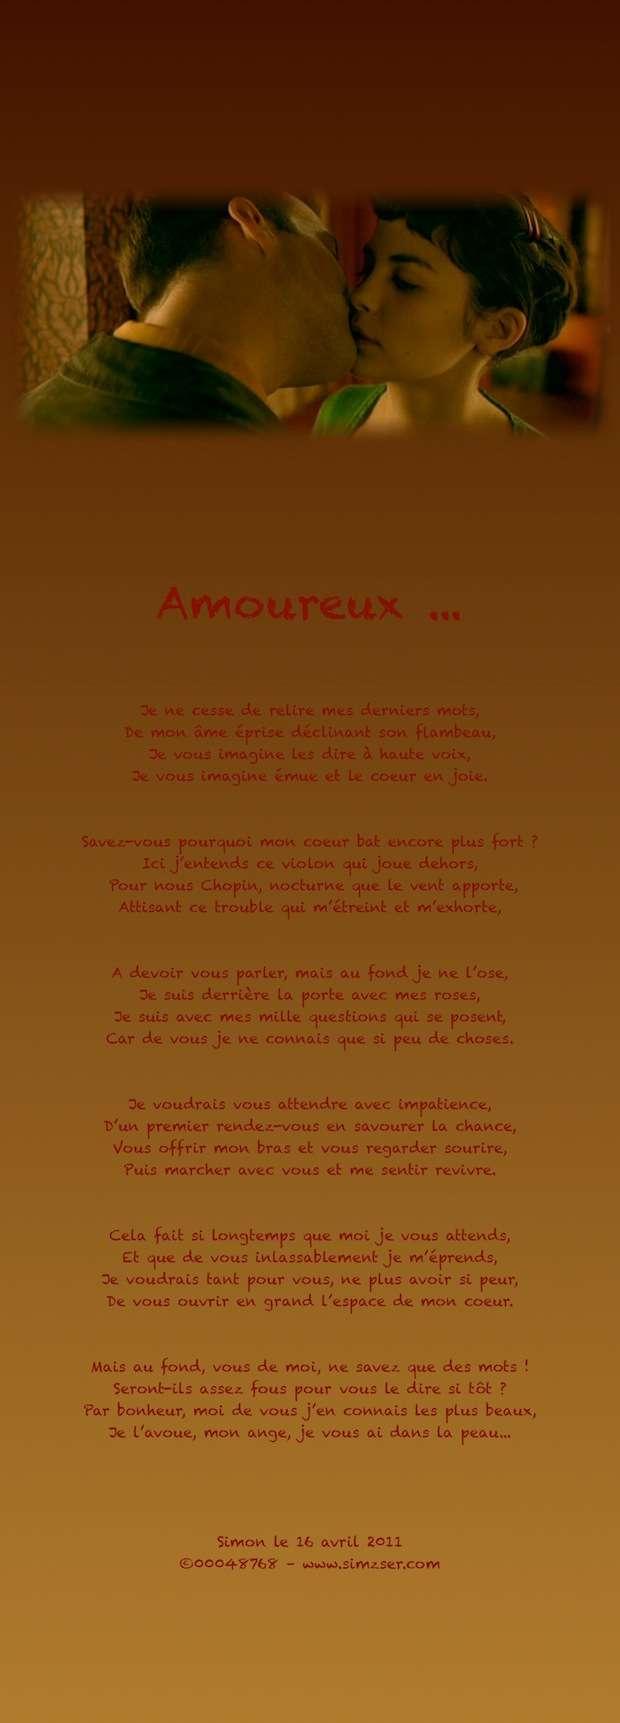 http://img198.imageshack.us/img198/1826/amoureux4.jpg